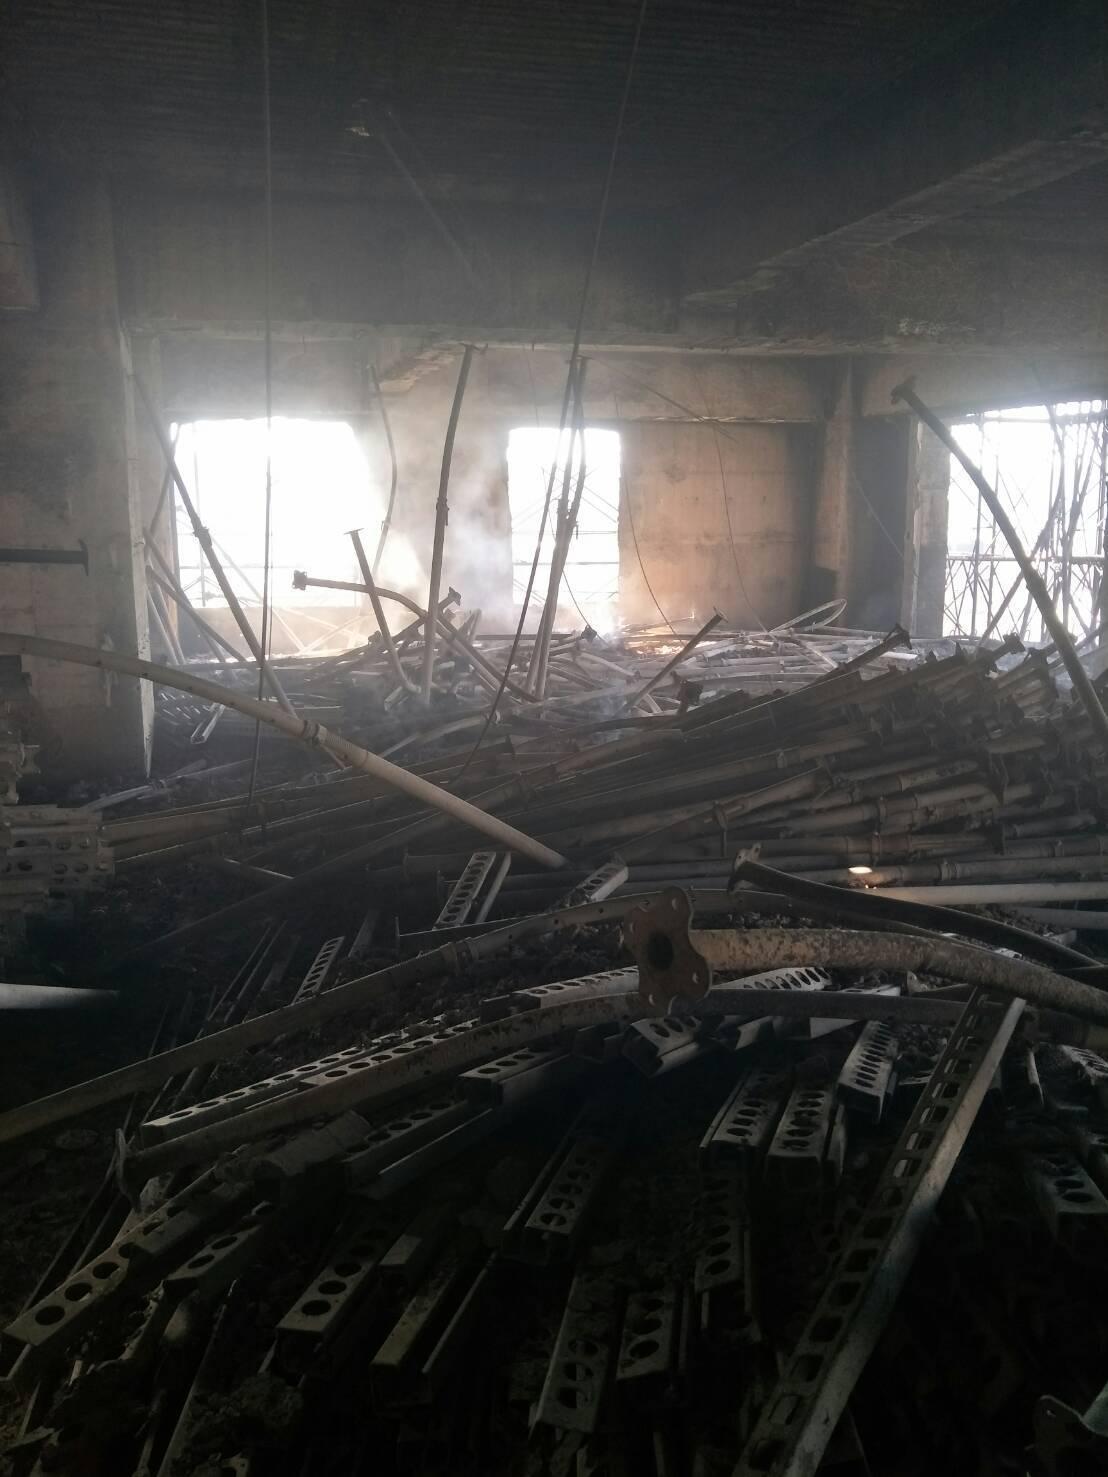 消防員使用揹負式水袋到高樓處撲滅殘火。記者袁志豪/翻攝